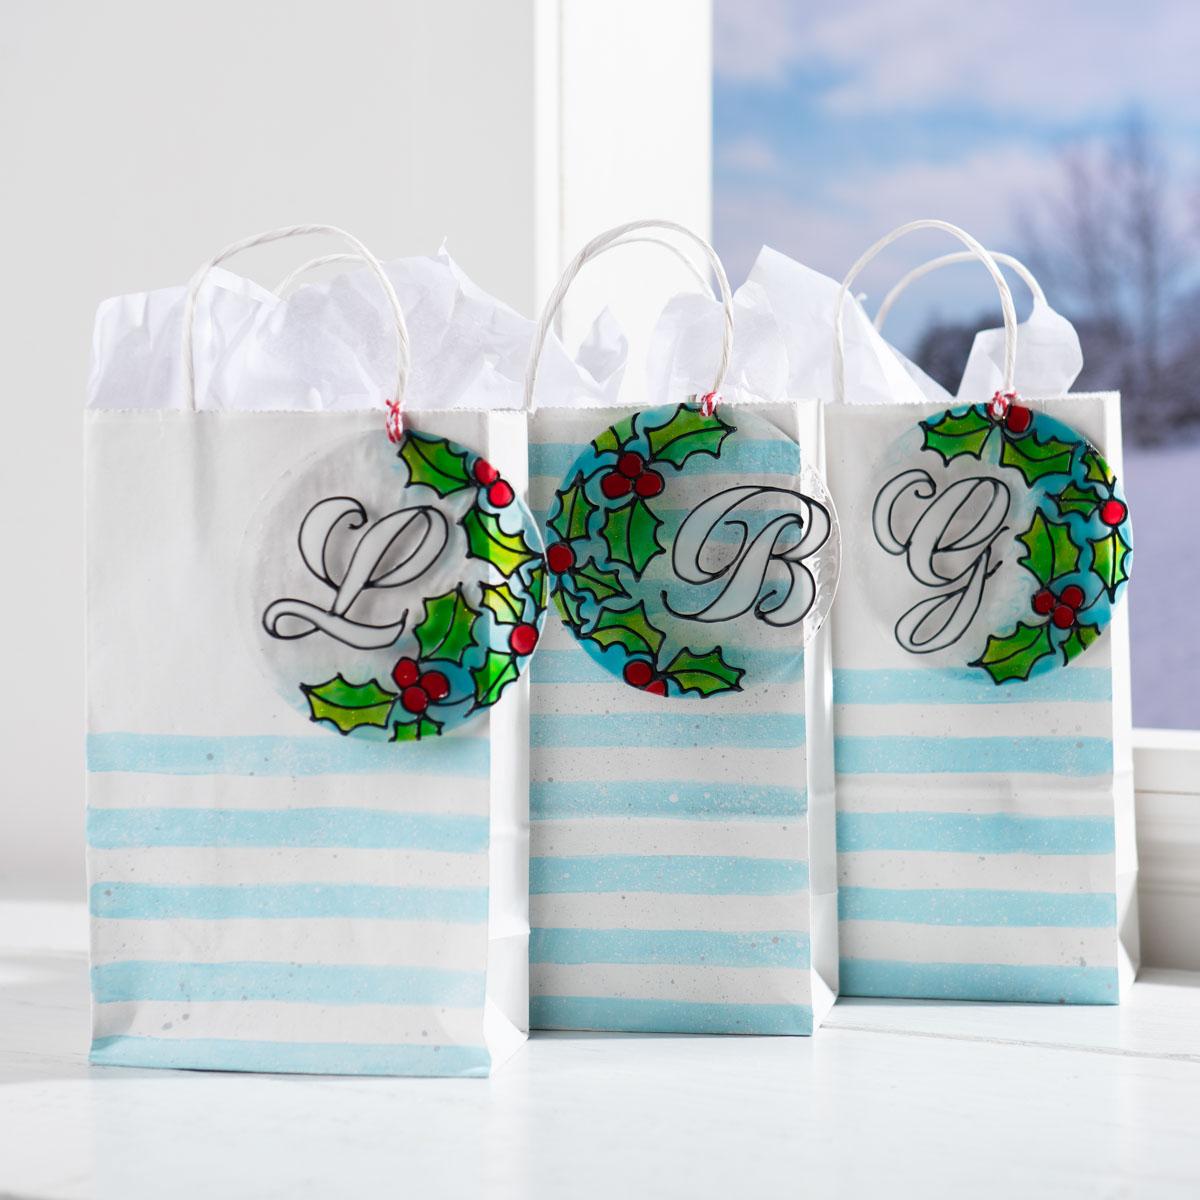 DIY Monogram Christmas Ornament & Gift Topper